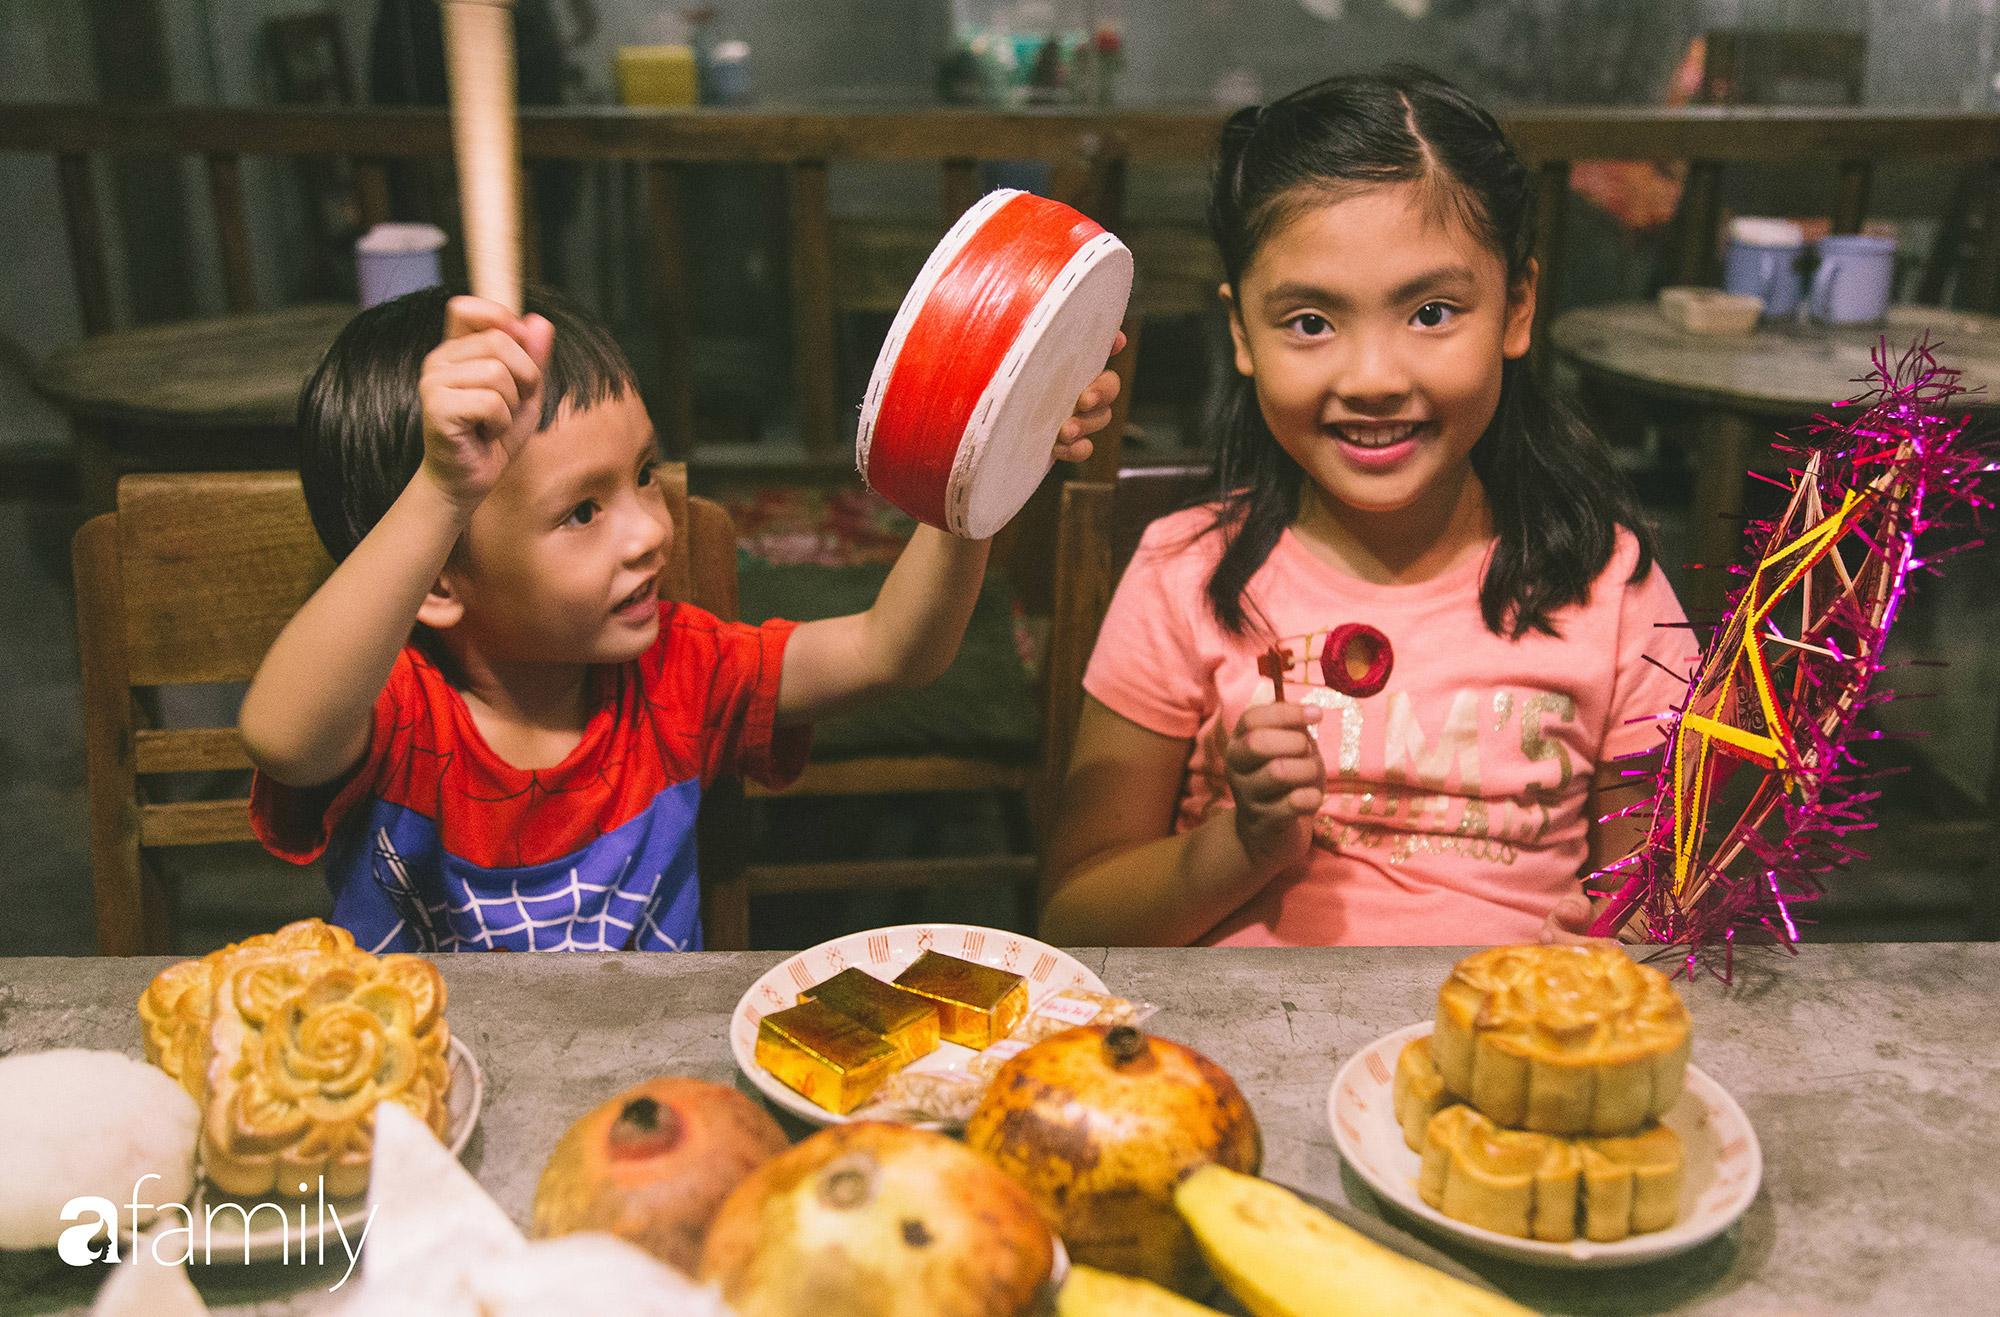 Cứ đến độ tháng Tám, thấy bánh Trung Thu là rạo rực như thể sắp được về nhà ngắm trăng với gia đình - Ảnh 13.